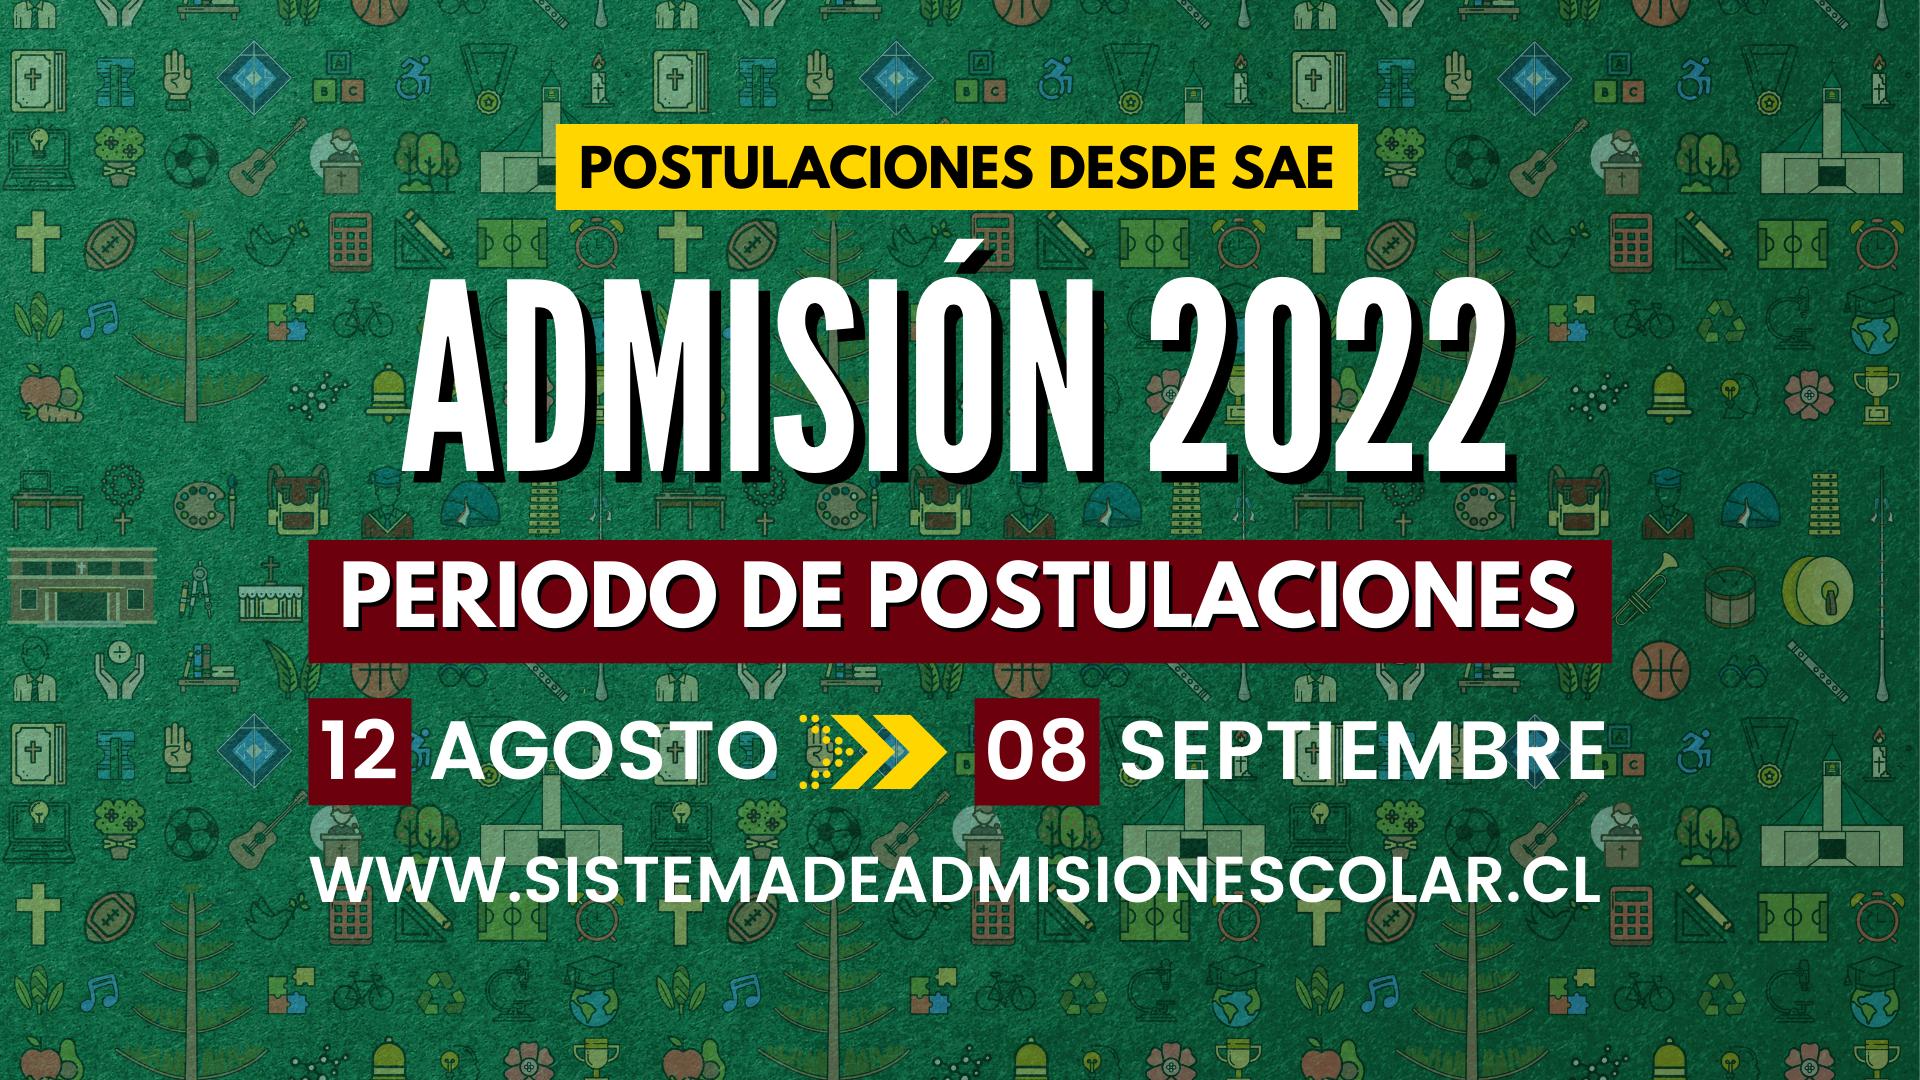 INFORMACIÓN IMPORTANTE ADMISIÓN 2022